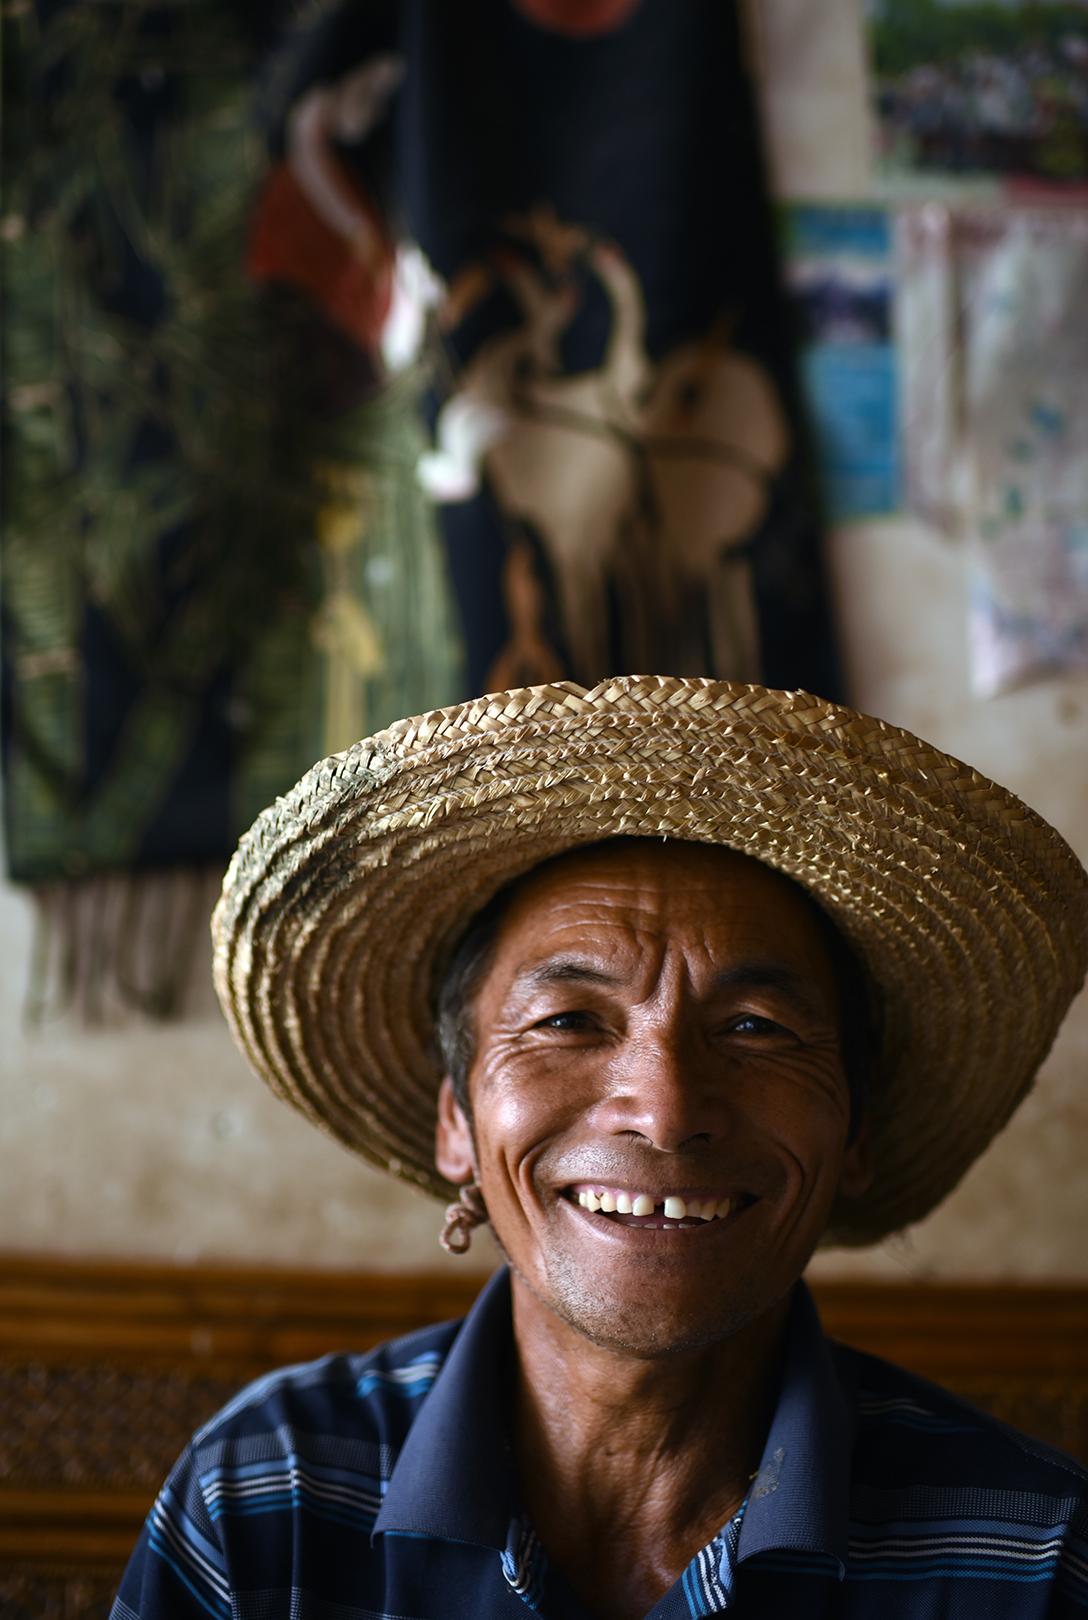 Farmer at home in Dayangjie